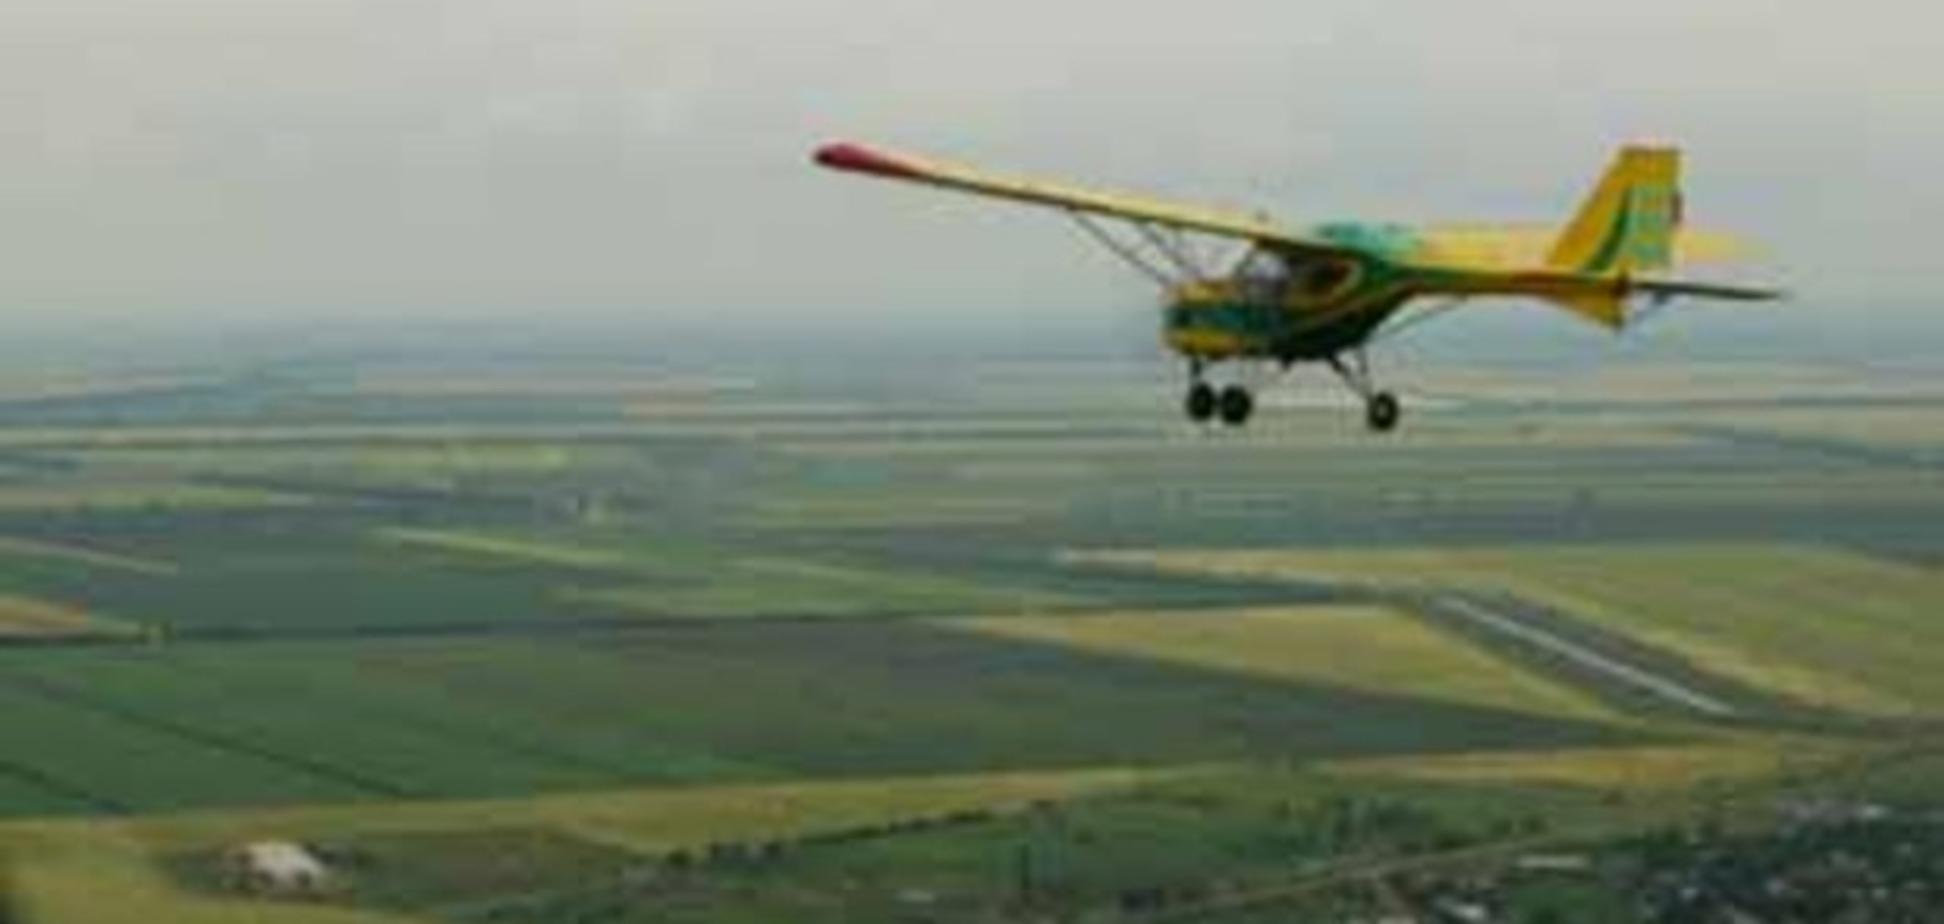 У Харківській області відкрили вогонь по приватному літаку, який пролітав над військовою частиною